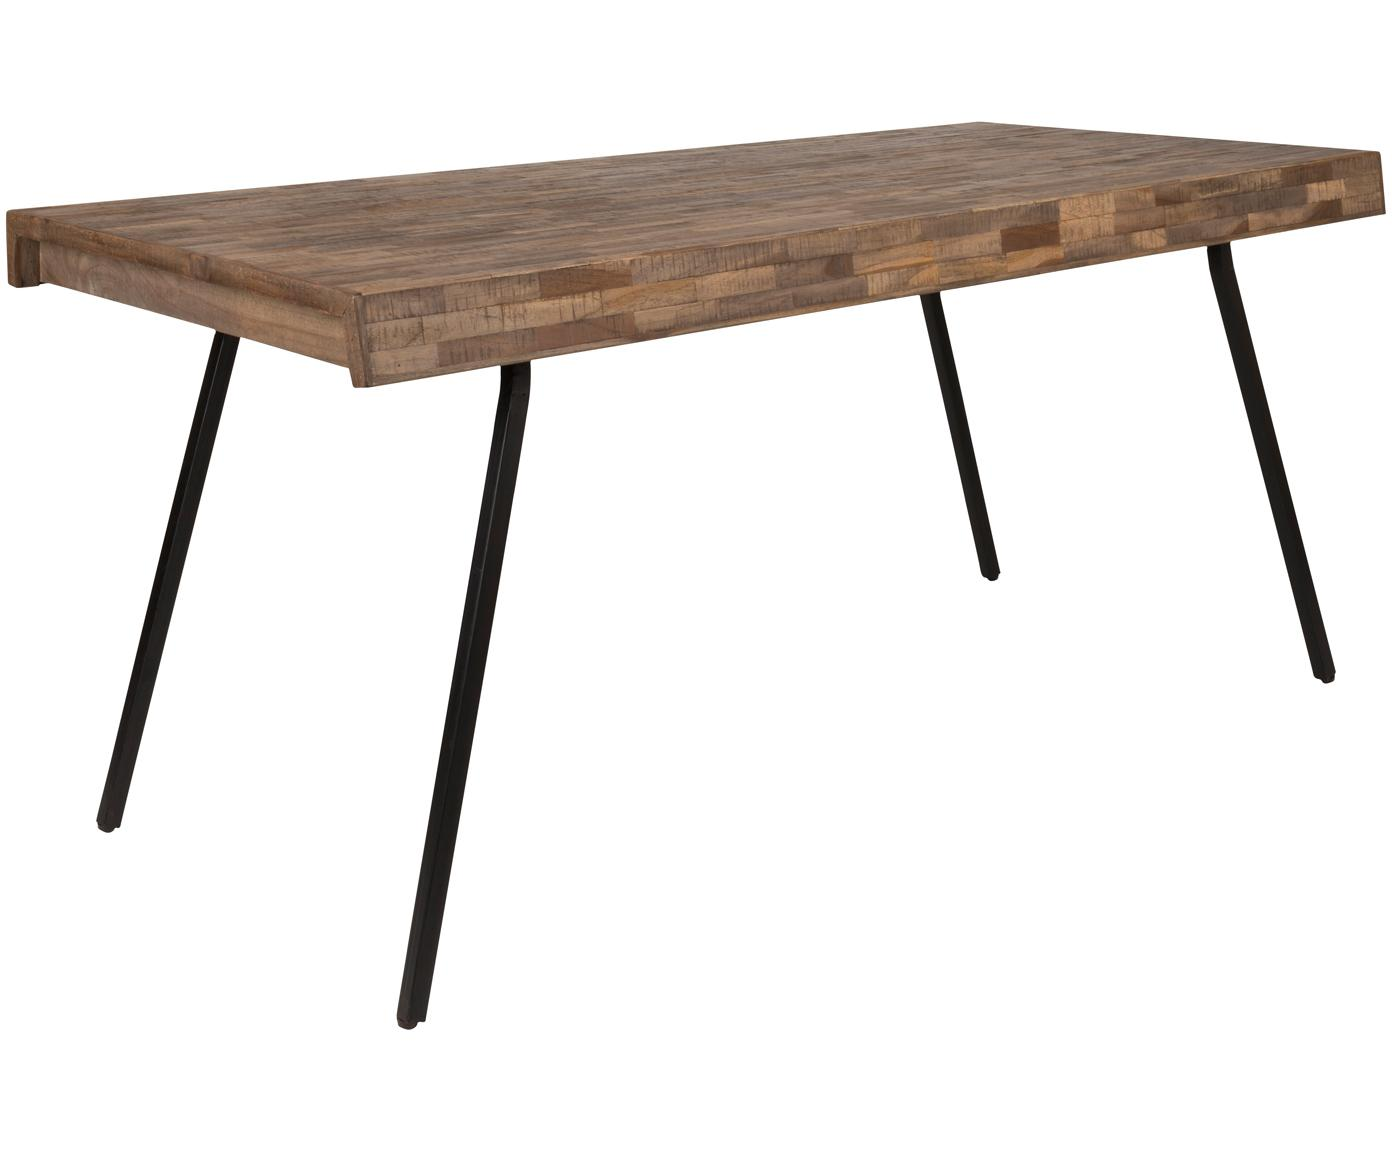 Mesa de comedor Suri, Tablero: madera de teca, lacada tr, Patas: acero recubierto de melam, Tablero: teca Patas: negro, An 160 x F 78 cm